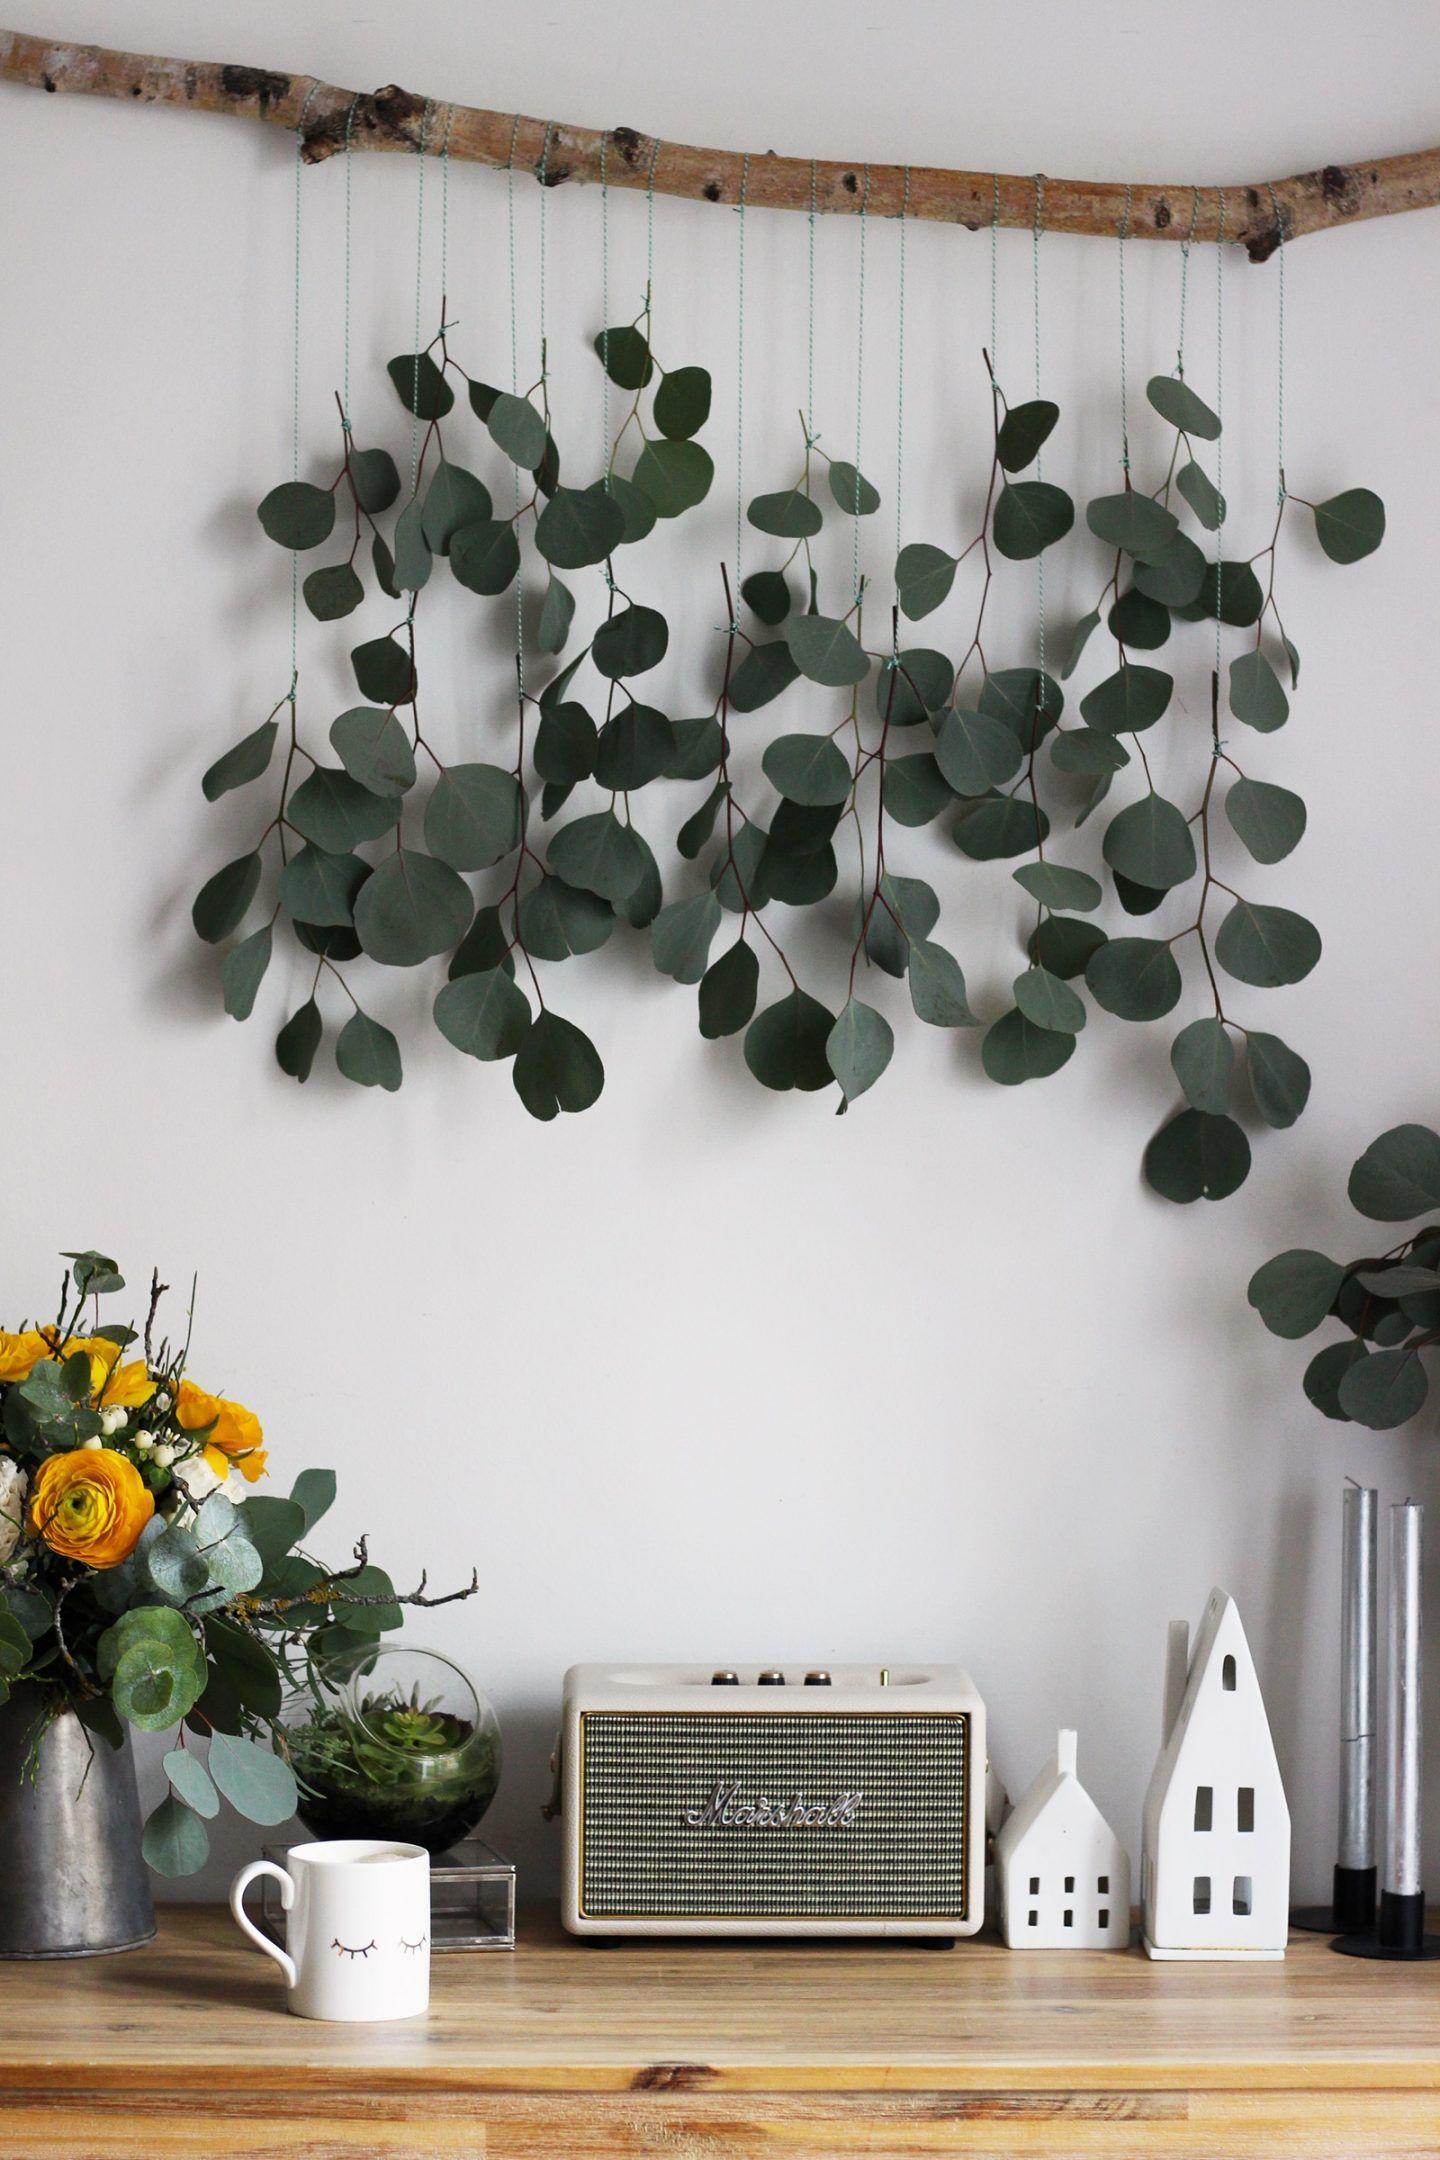 Living Diy Dekorationsidee Zum Selbermachen Eukalyptus Vorhang Fürs Wohnzimmer In 2020 Vorhänge Fürs Wohnzimmer Dekoration Diy Deko Ideen